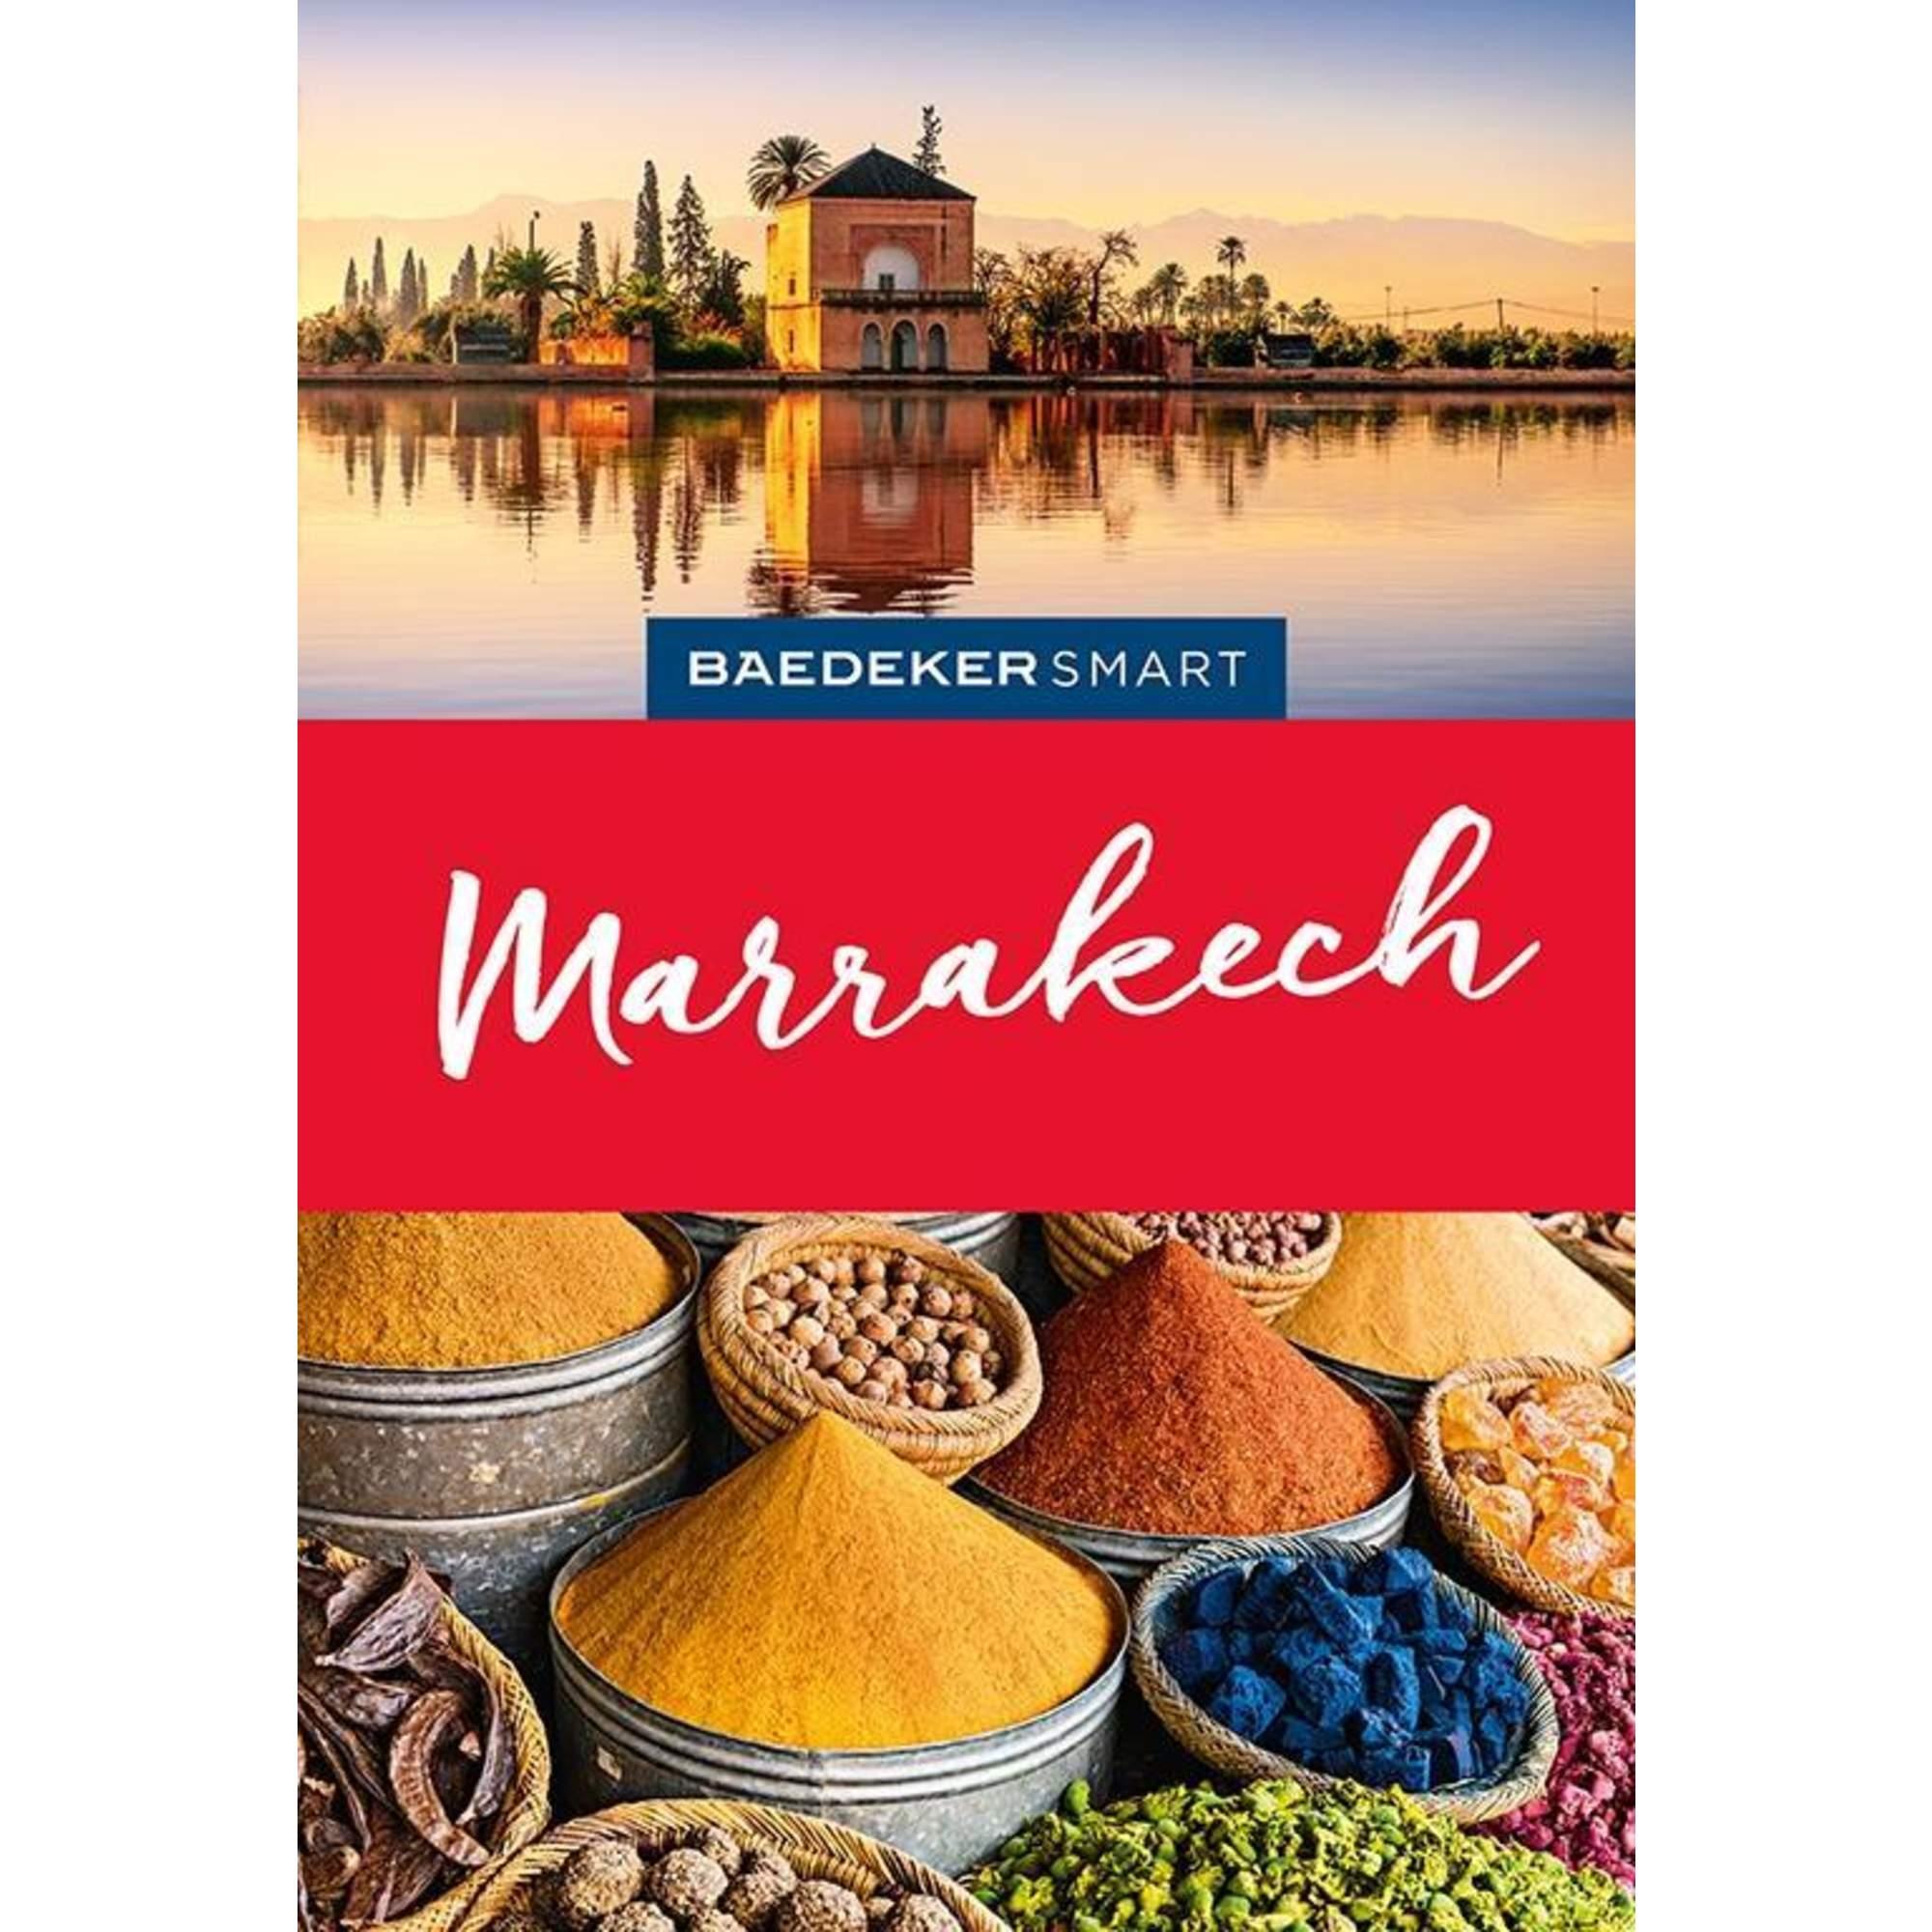 Baedeker SMART Reiseführer Marrakech, 15,95 Euro